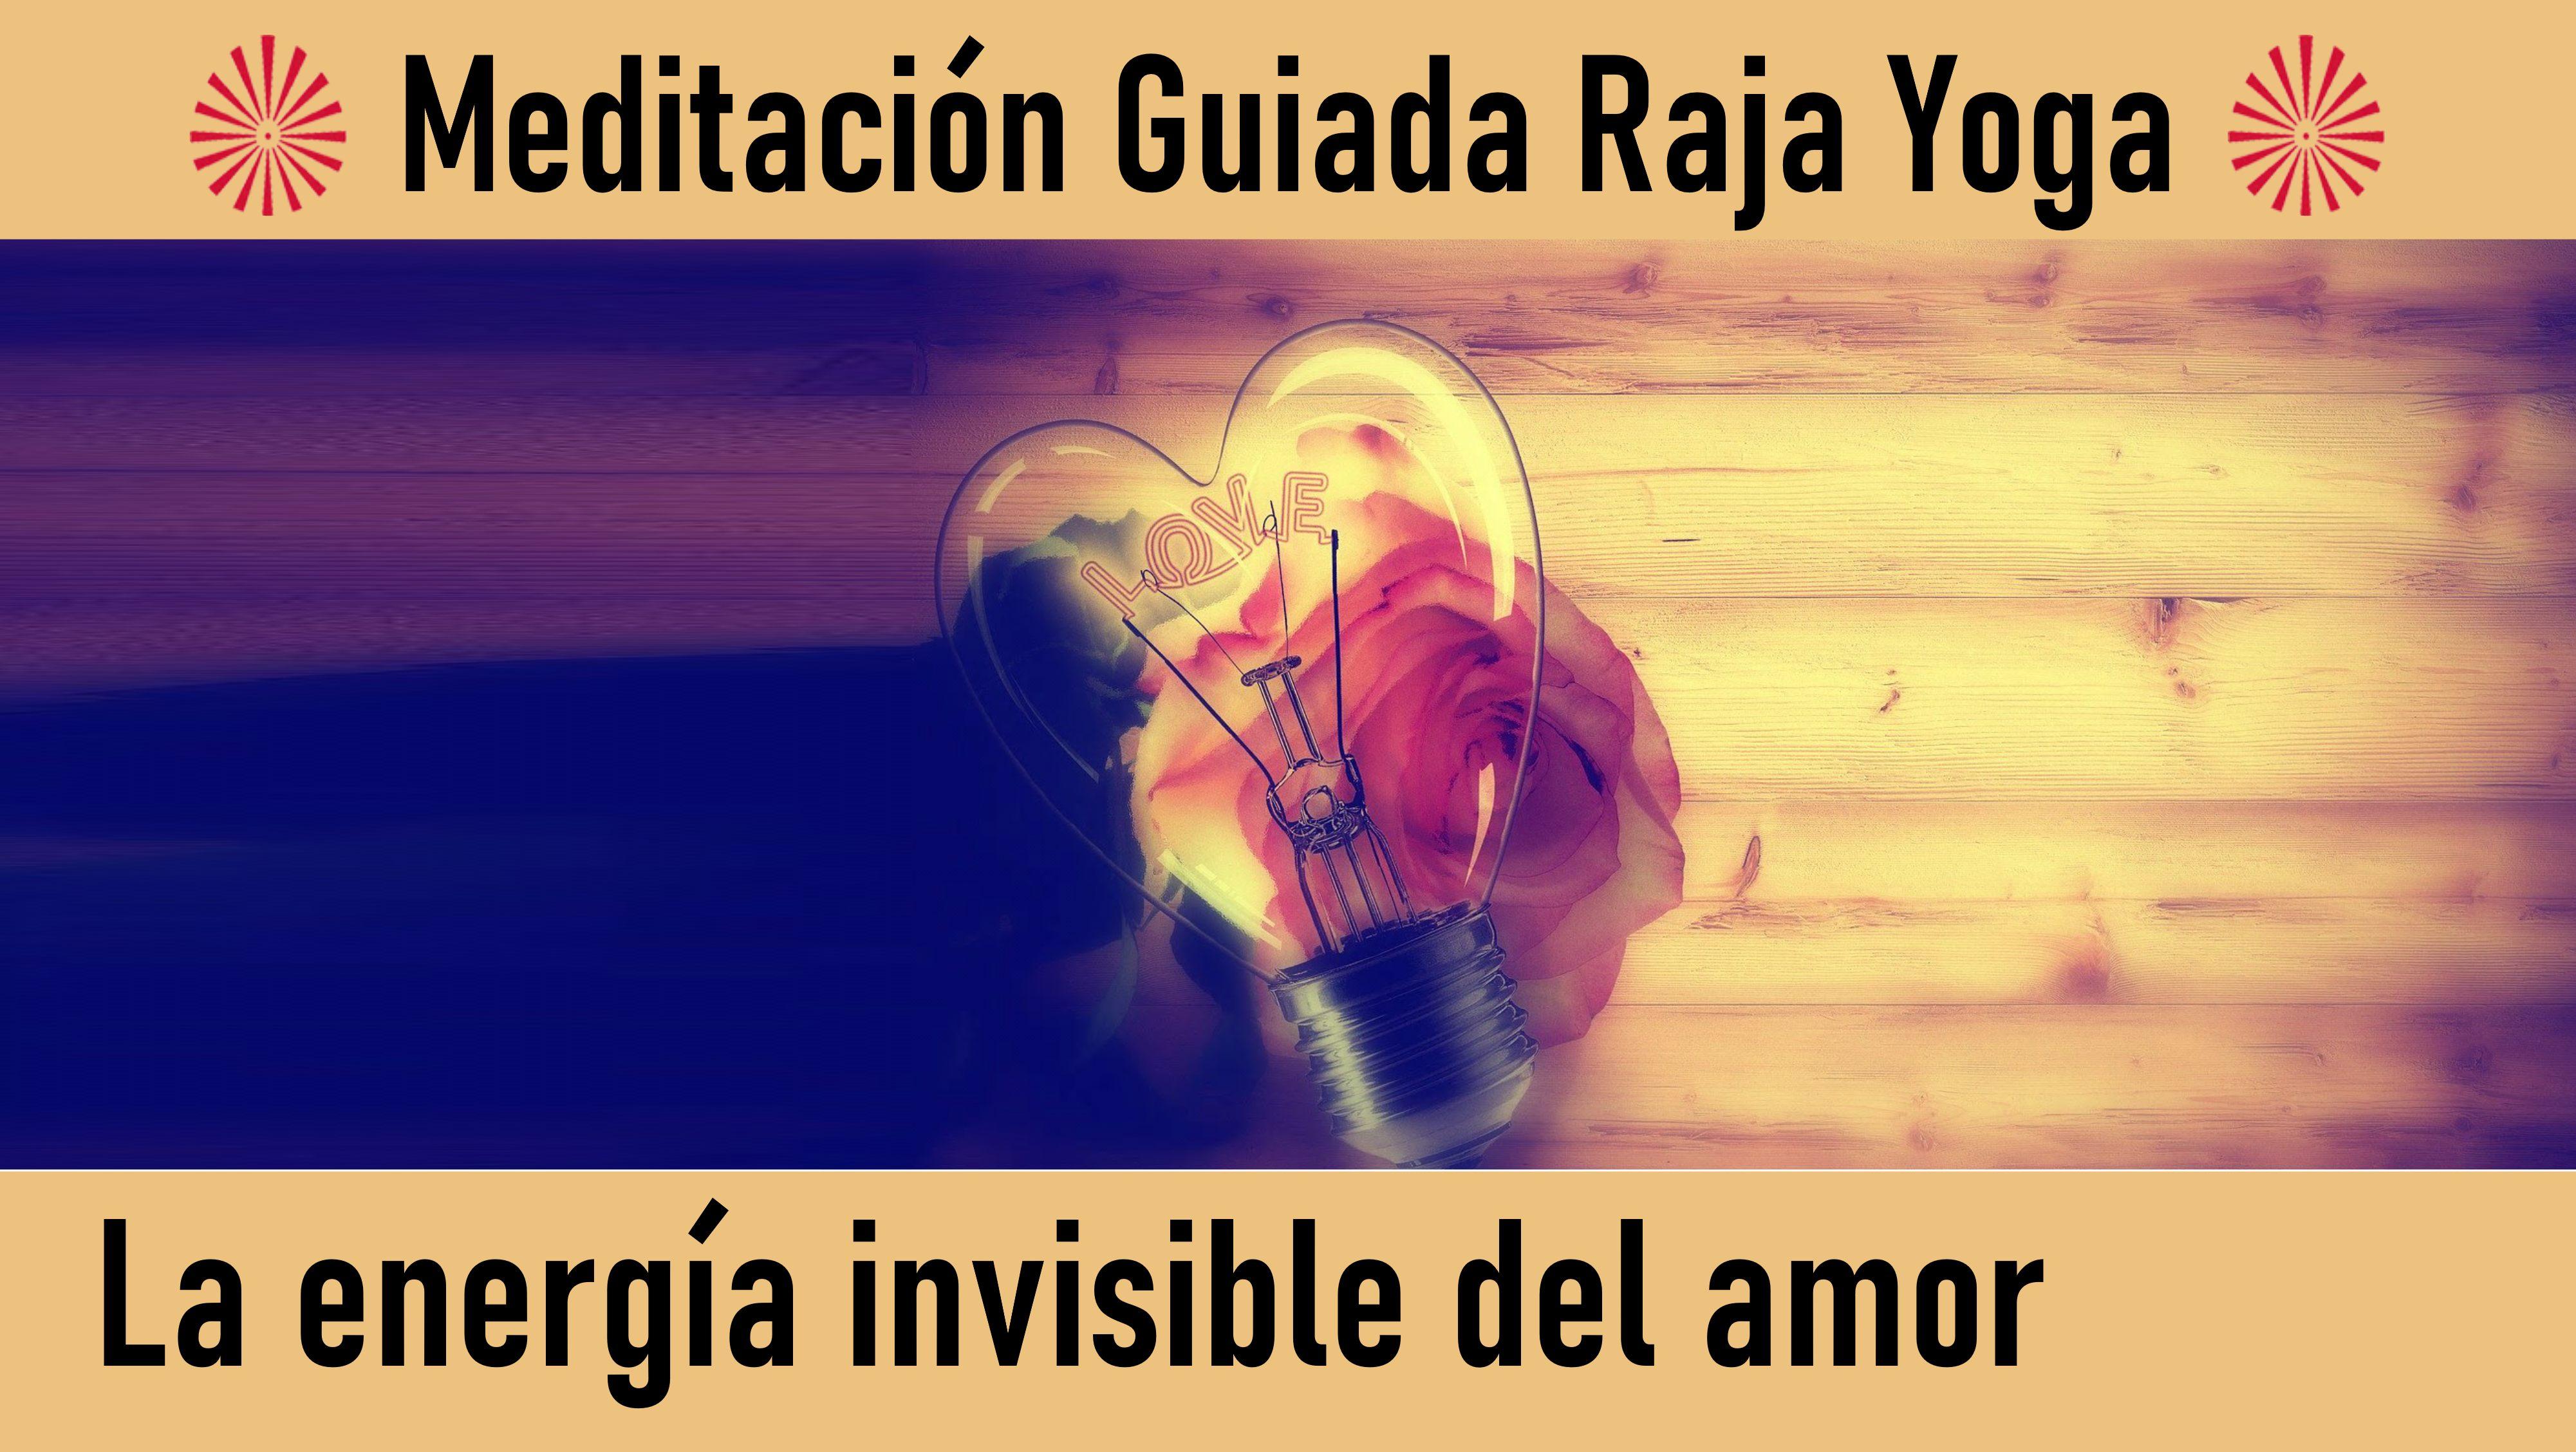 Meditación Raja Yoga: La energía invisible del amor (20 Julio 2020) On-line desde Madrid